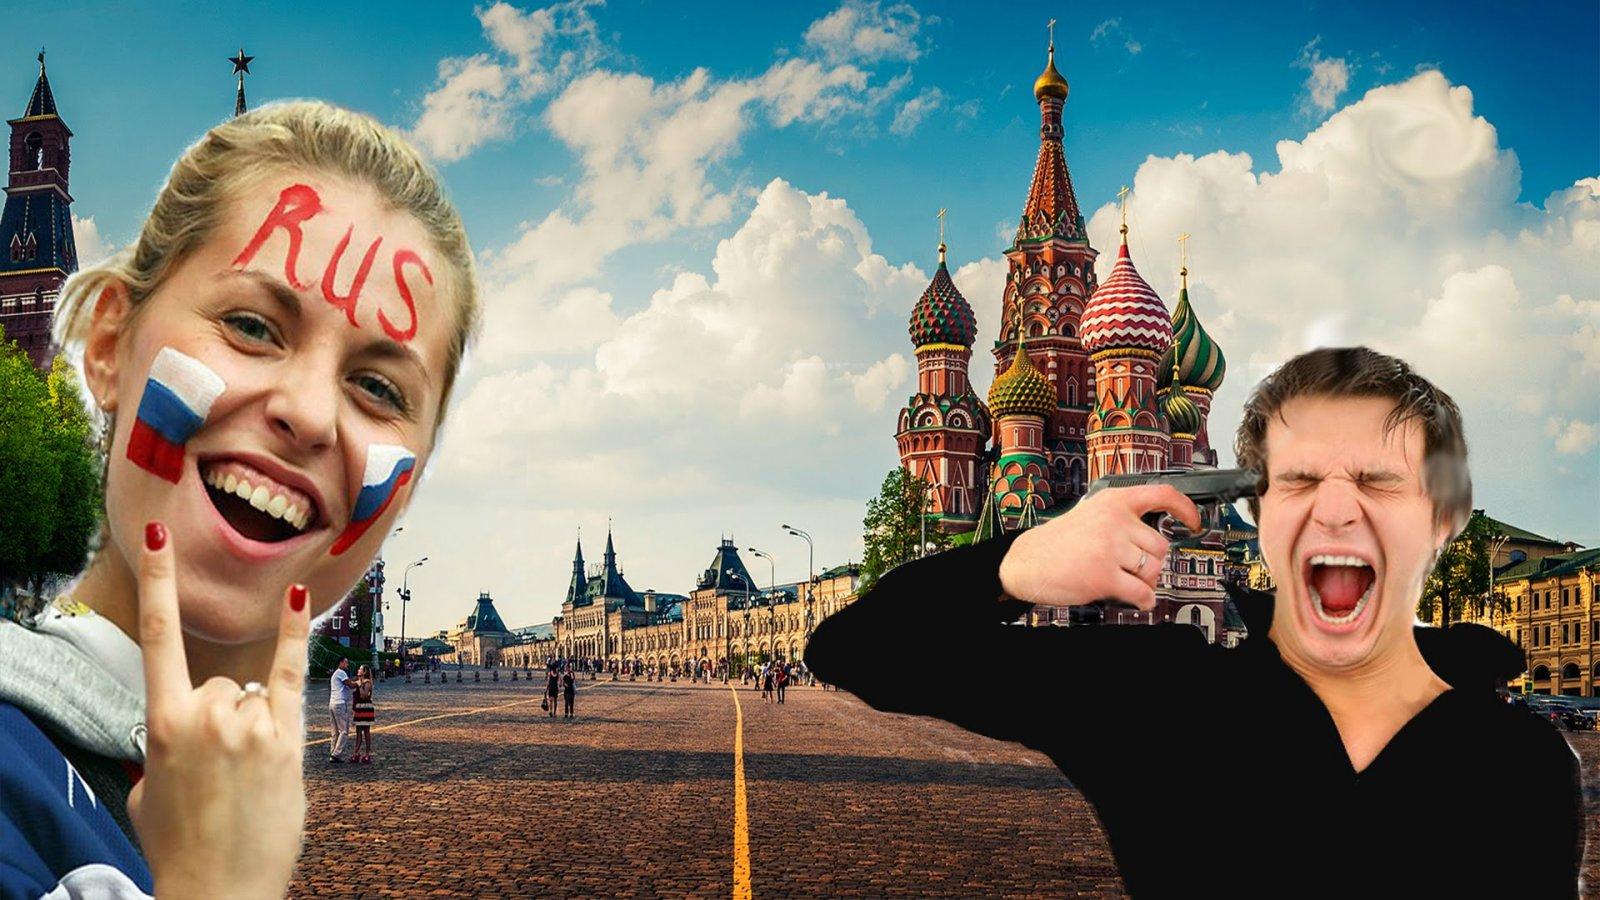 Смешные картинки про иностранцев в россии